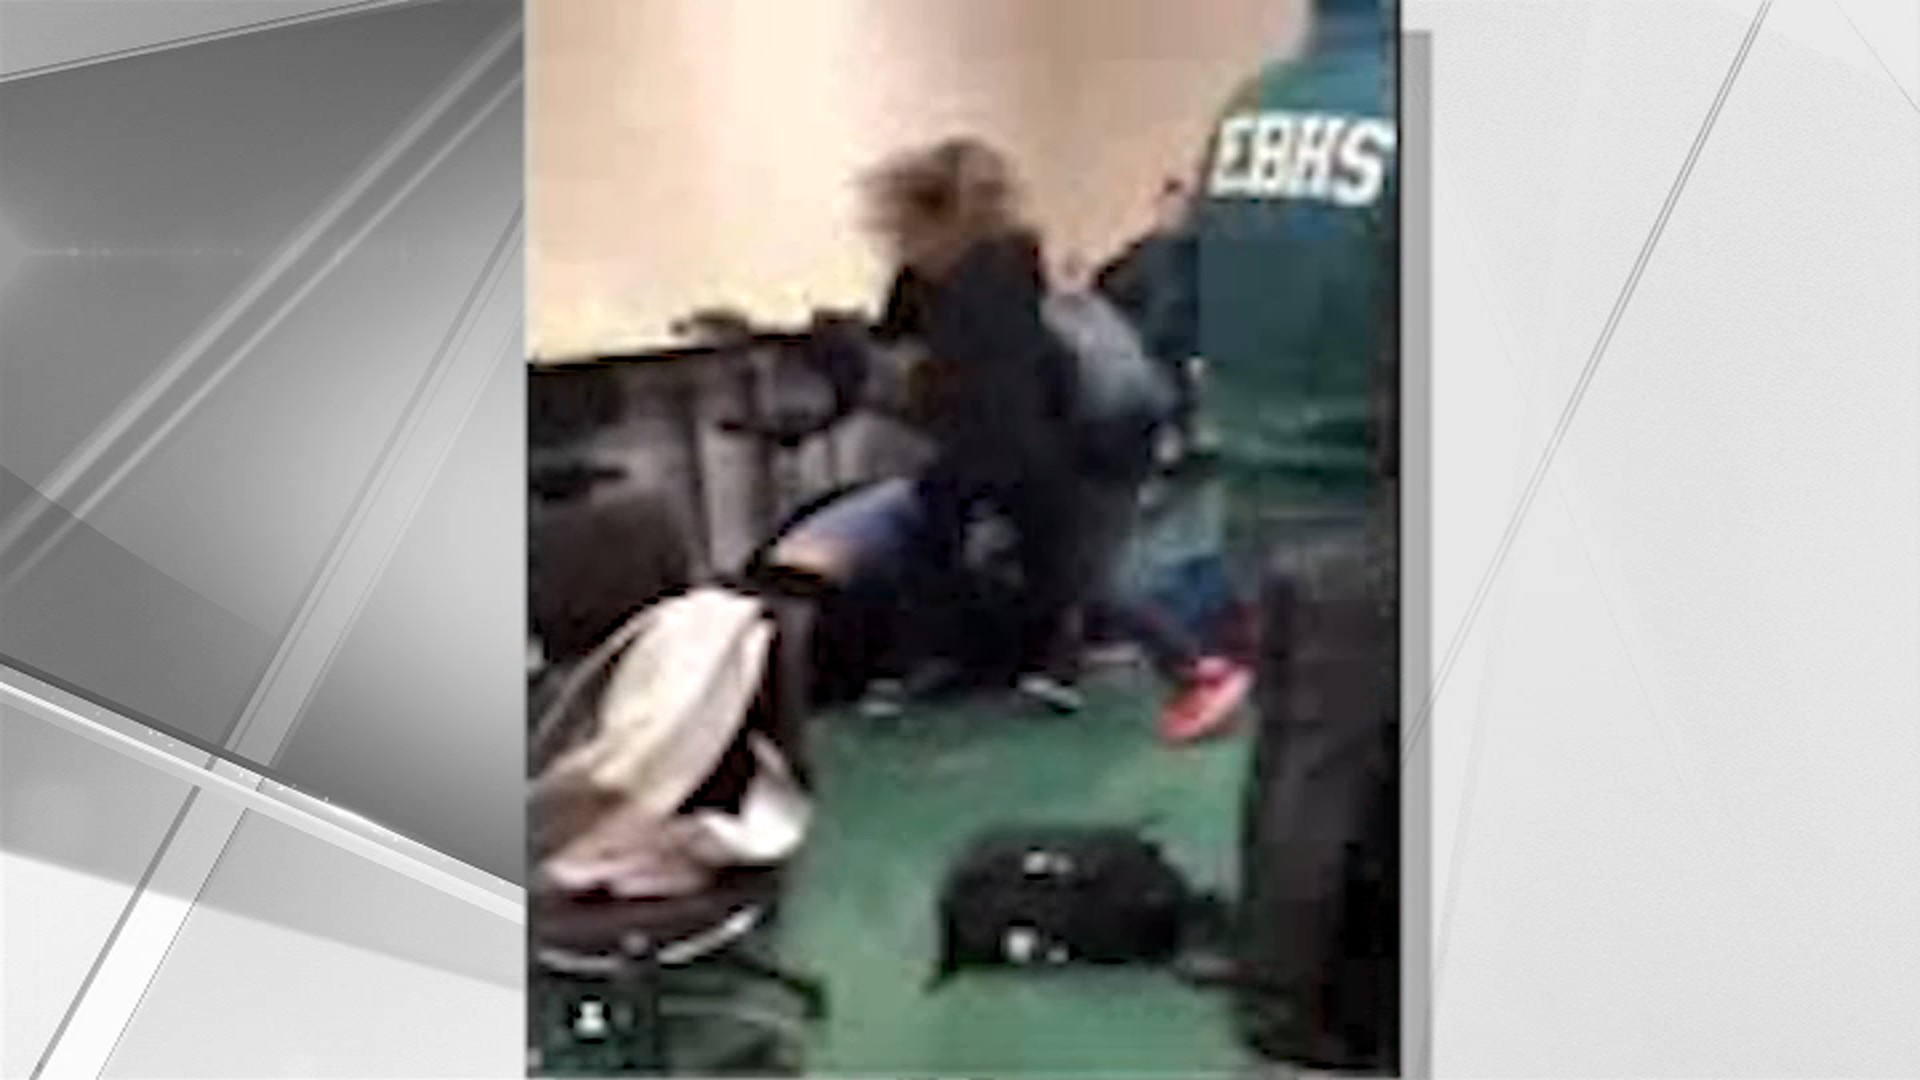 NJ Student Pulls Off Girl's Hijab, Screams Anti-Muslim Slurs